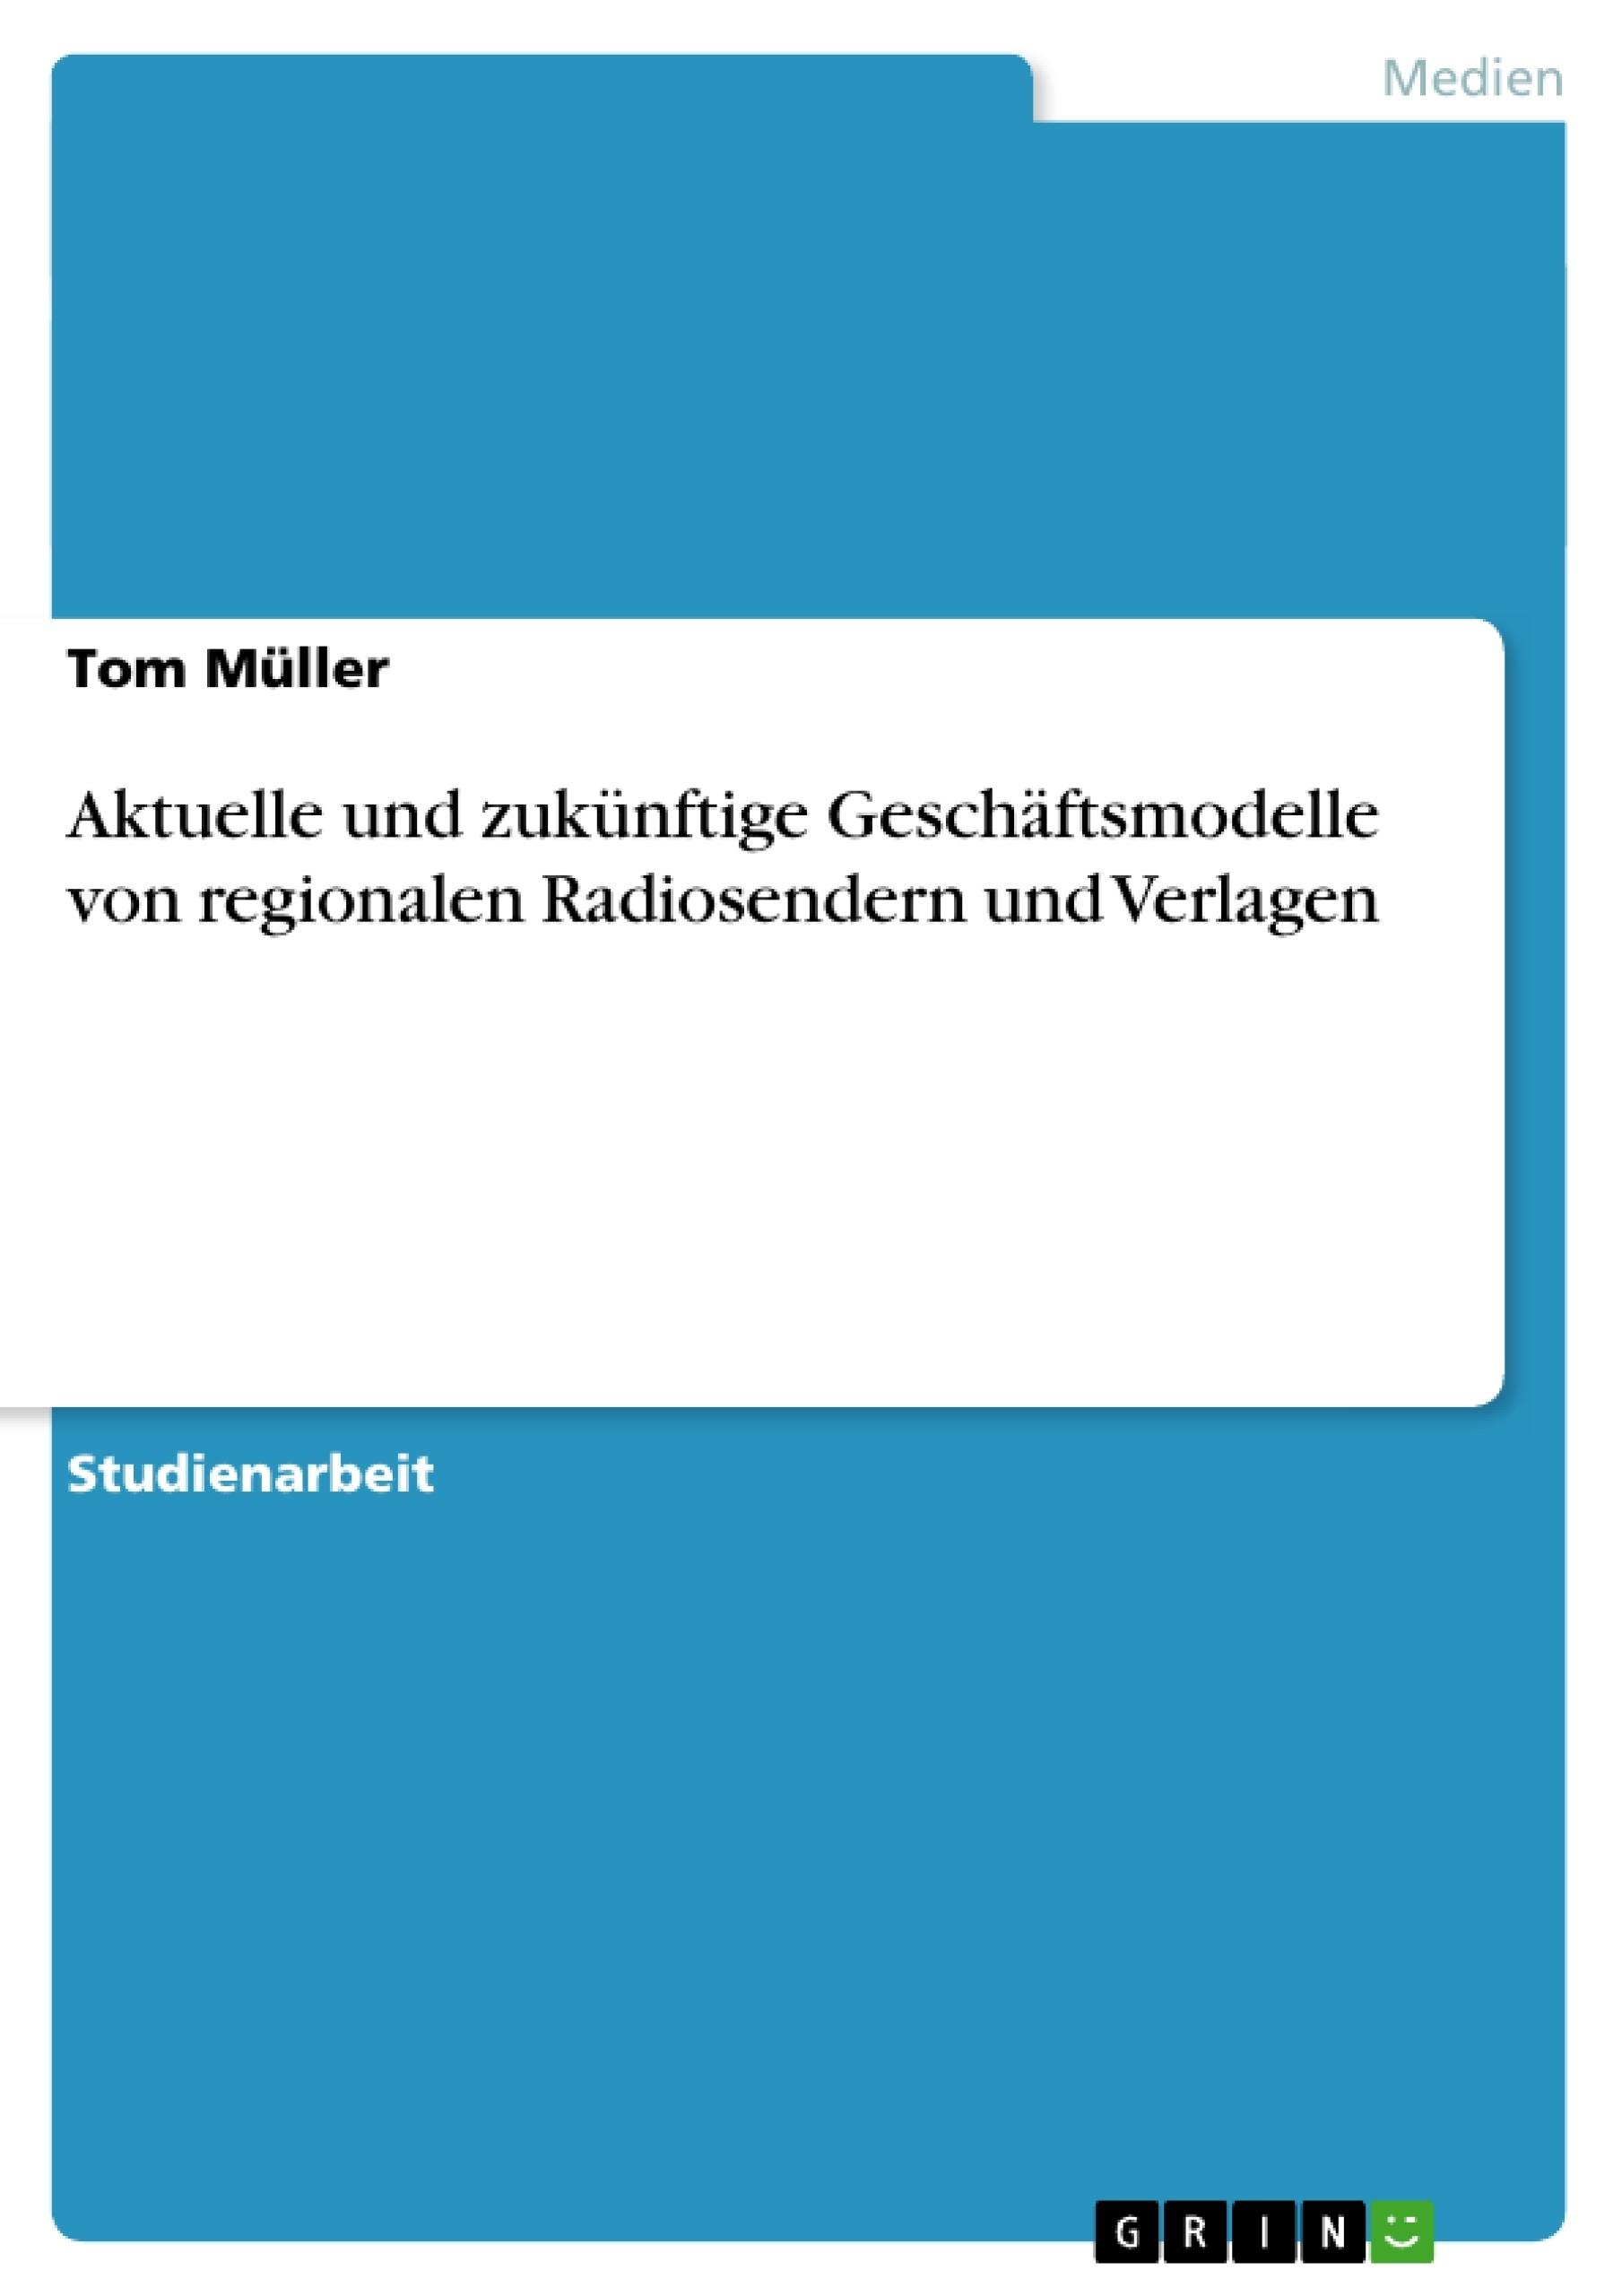 Titel: Aktuelle und zukünftige Geschäftsmodelle von regionalen Radiosendern und Verlagen